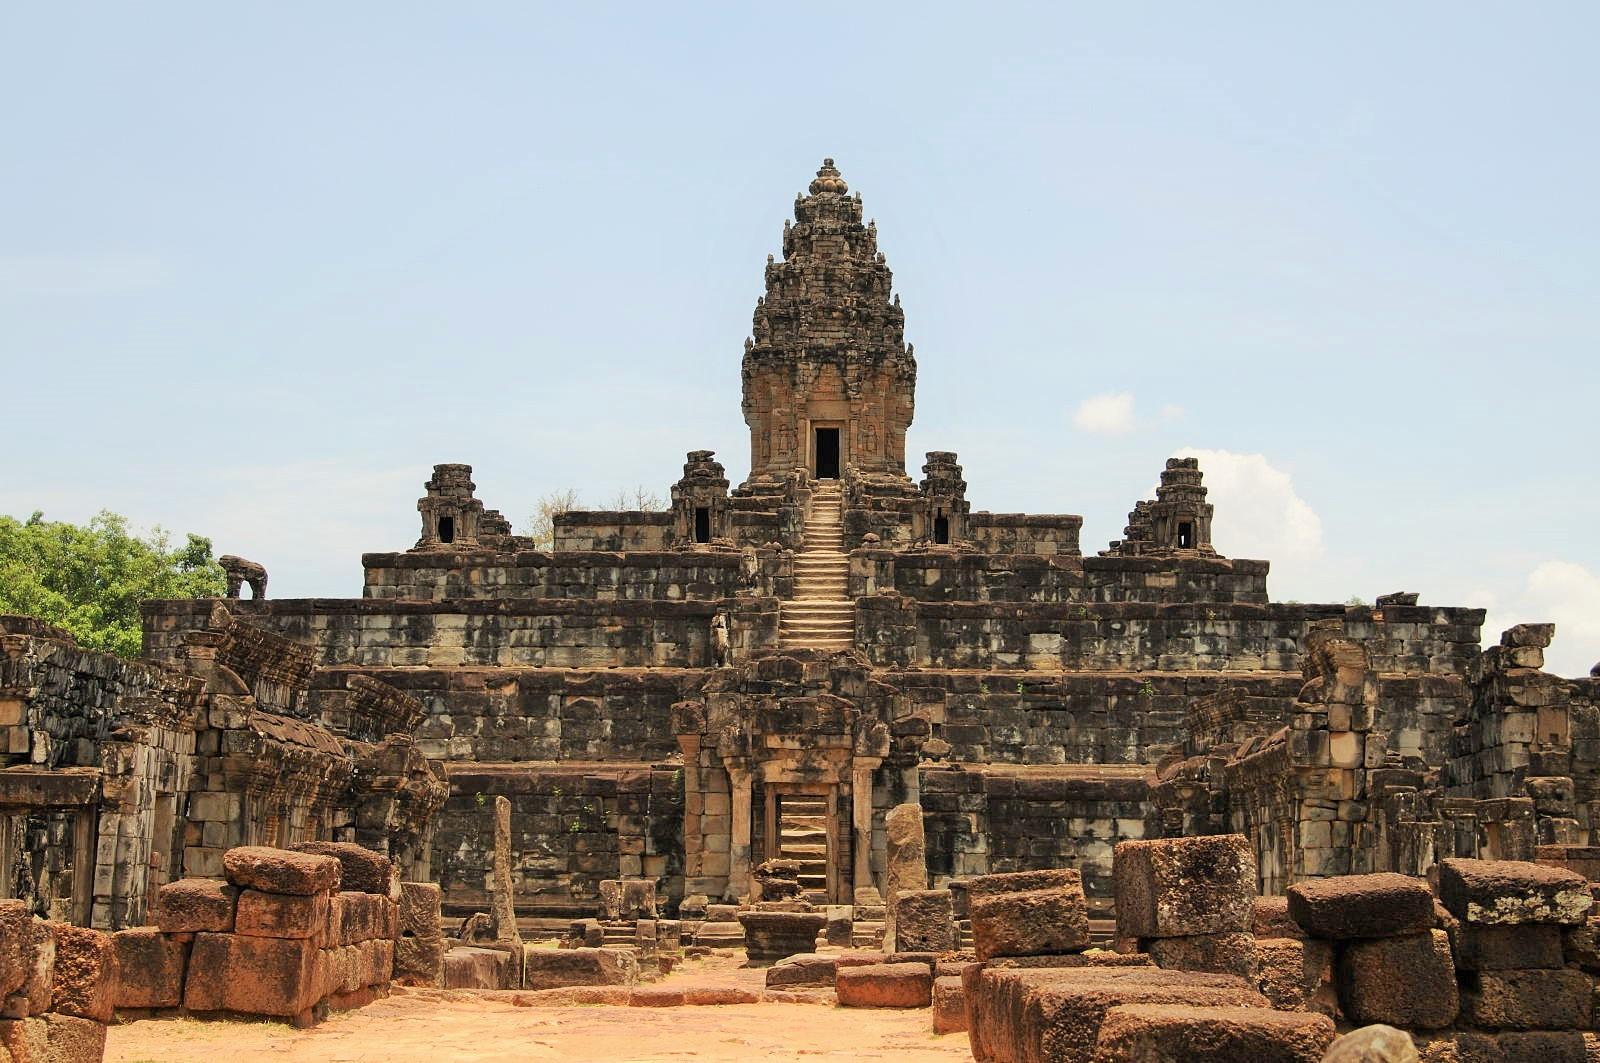 2015カンボジア旅行記 ロリュオス遺跡群他